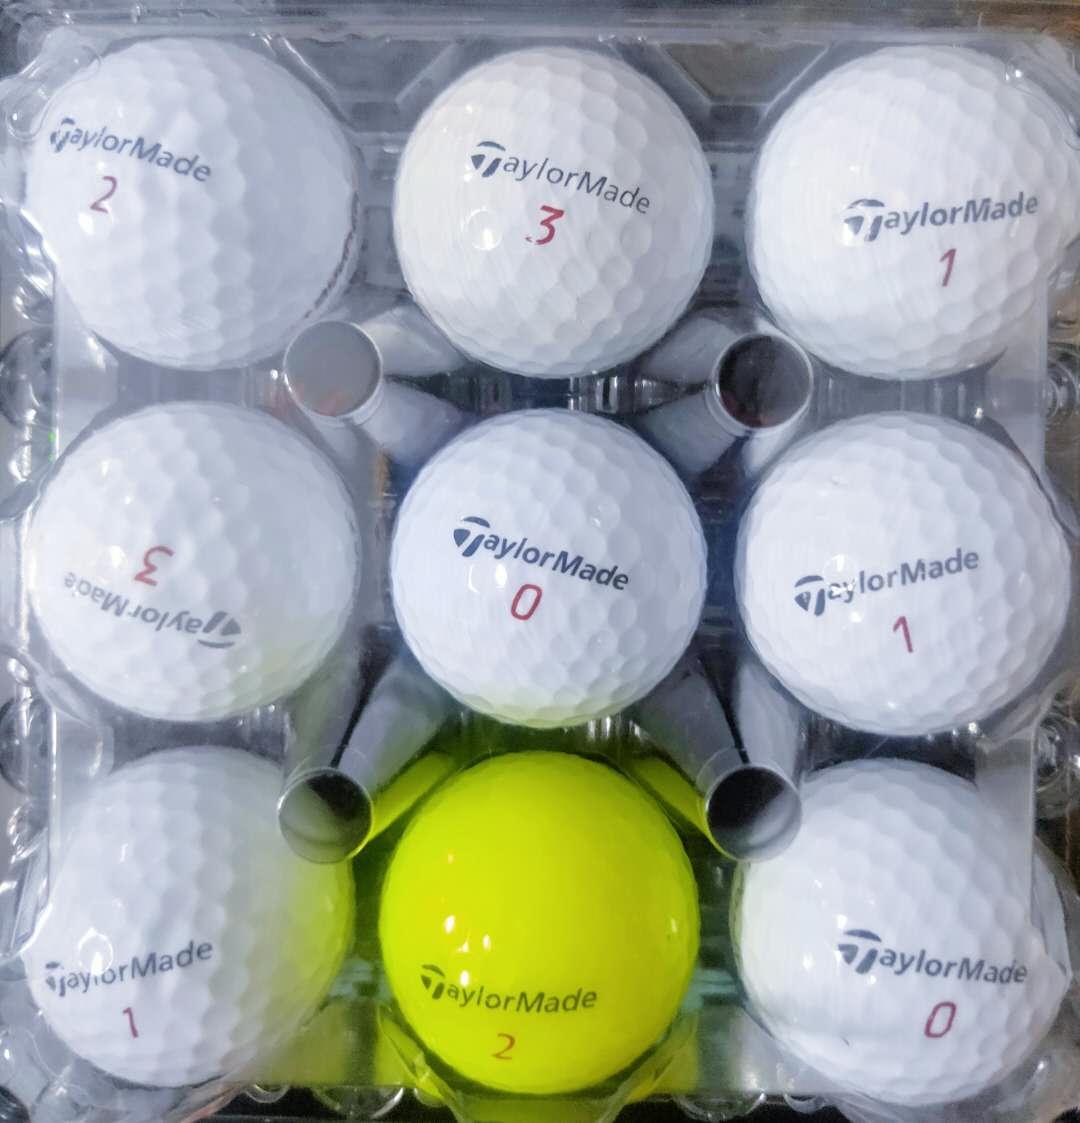 50 new brand golf balls (618 special, 2-2.6 yuan each)